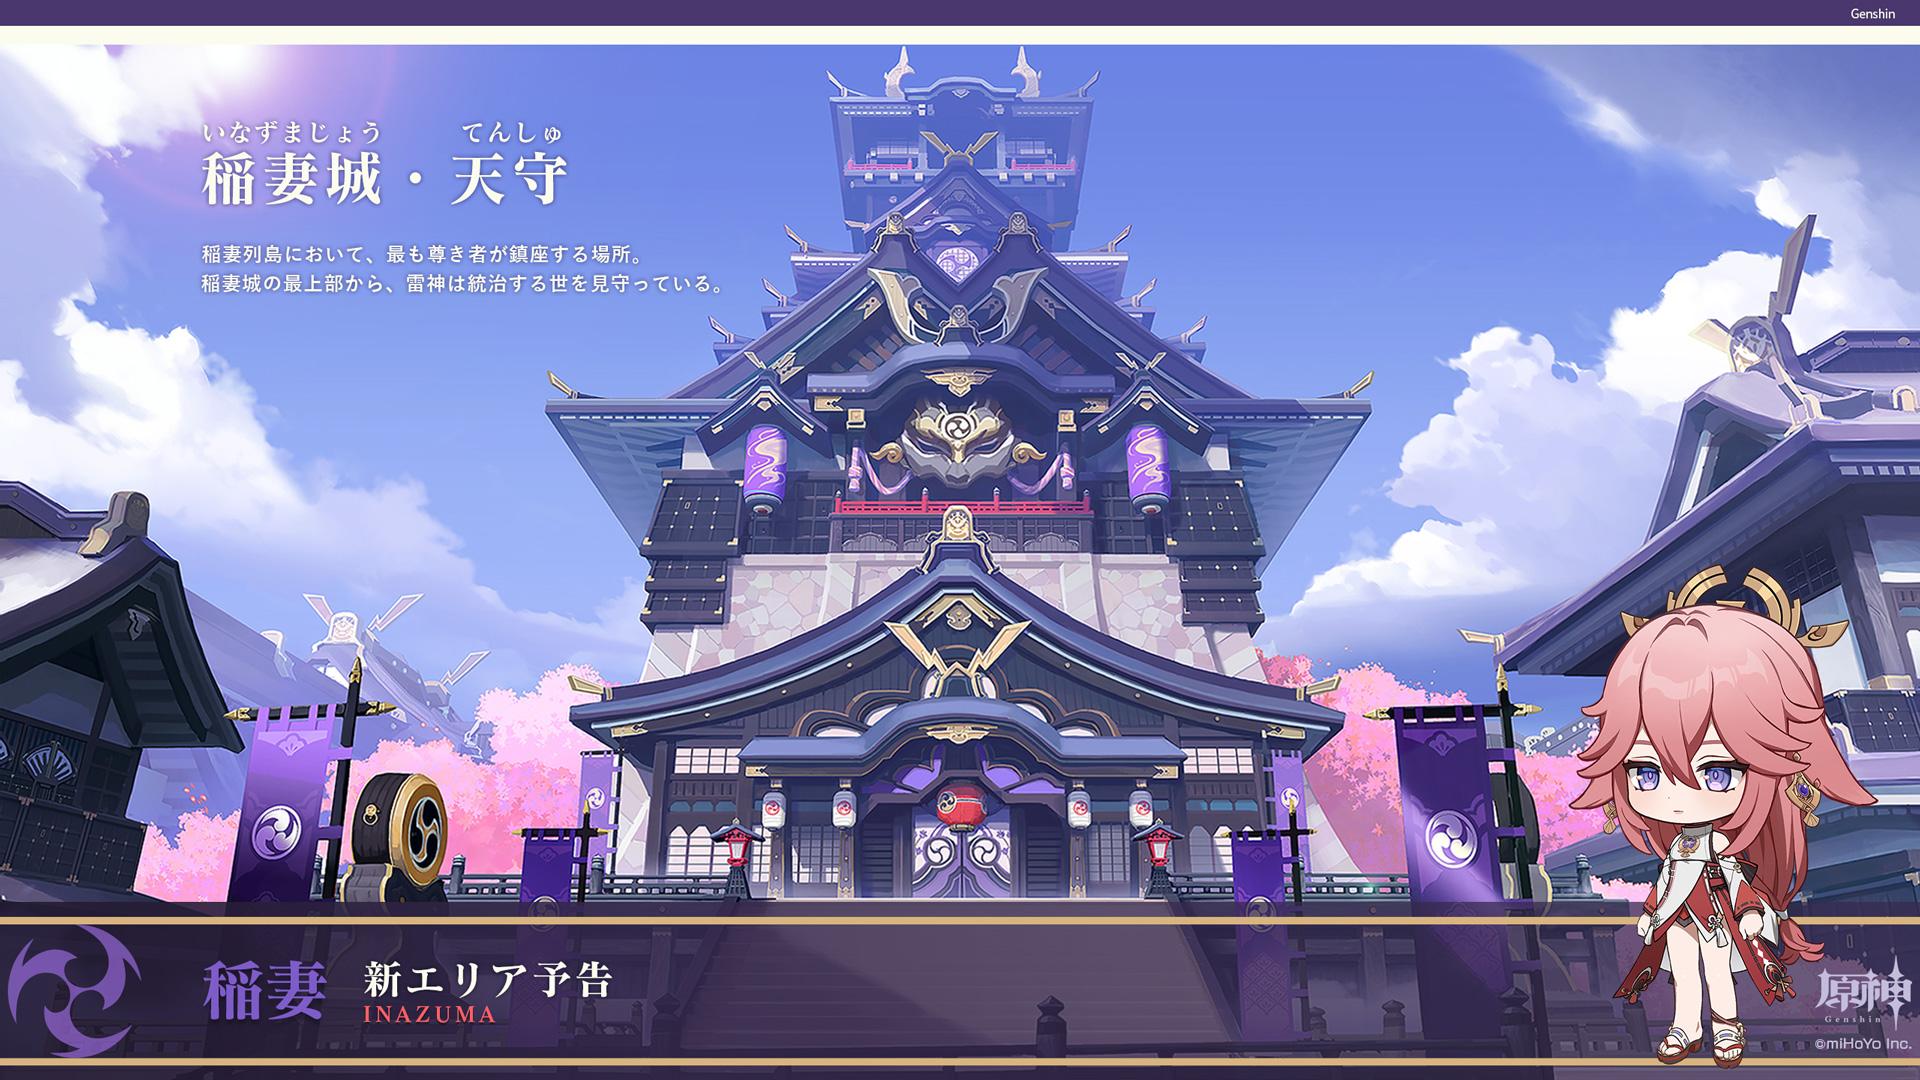 原神コンセプトアート「稲妻城・天守」